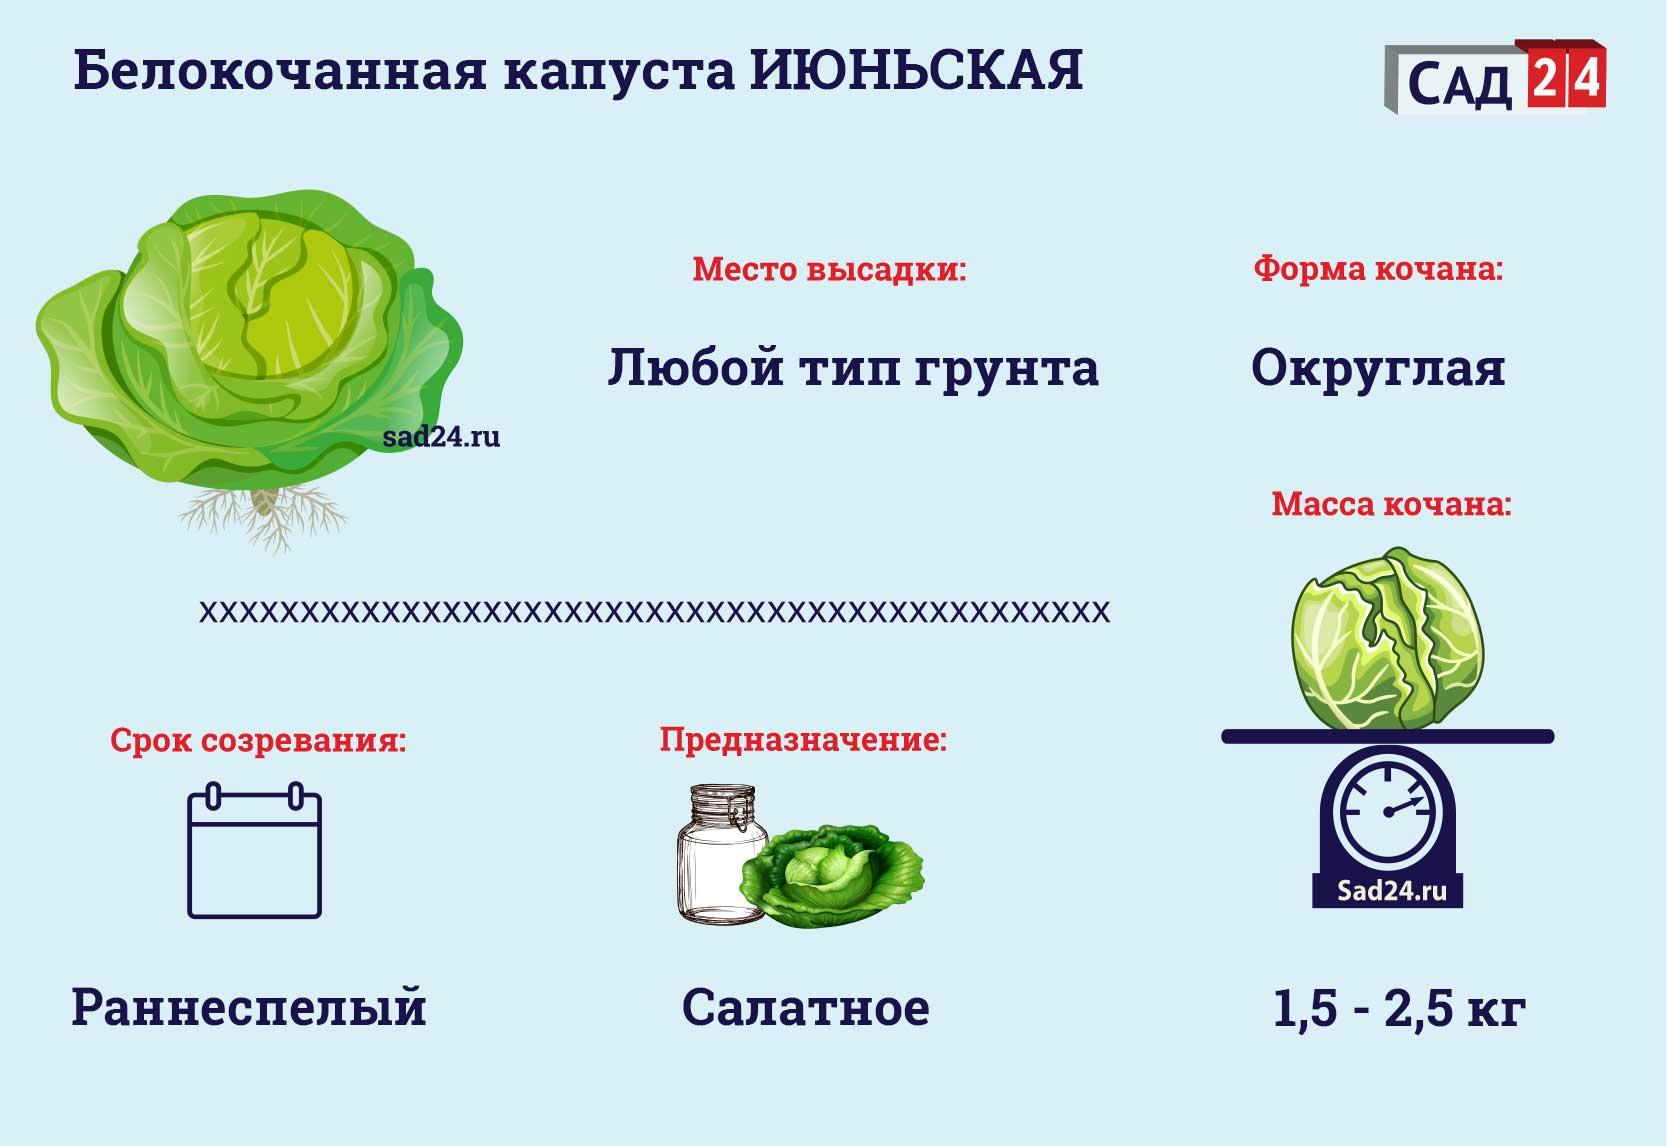 Июньская - https://sad24.ru